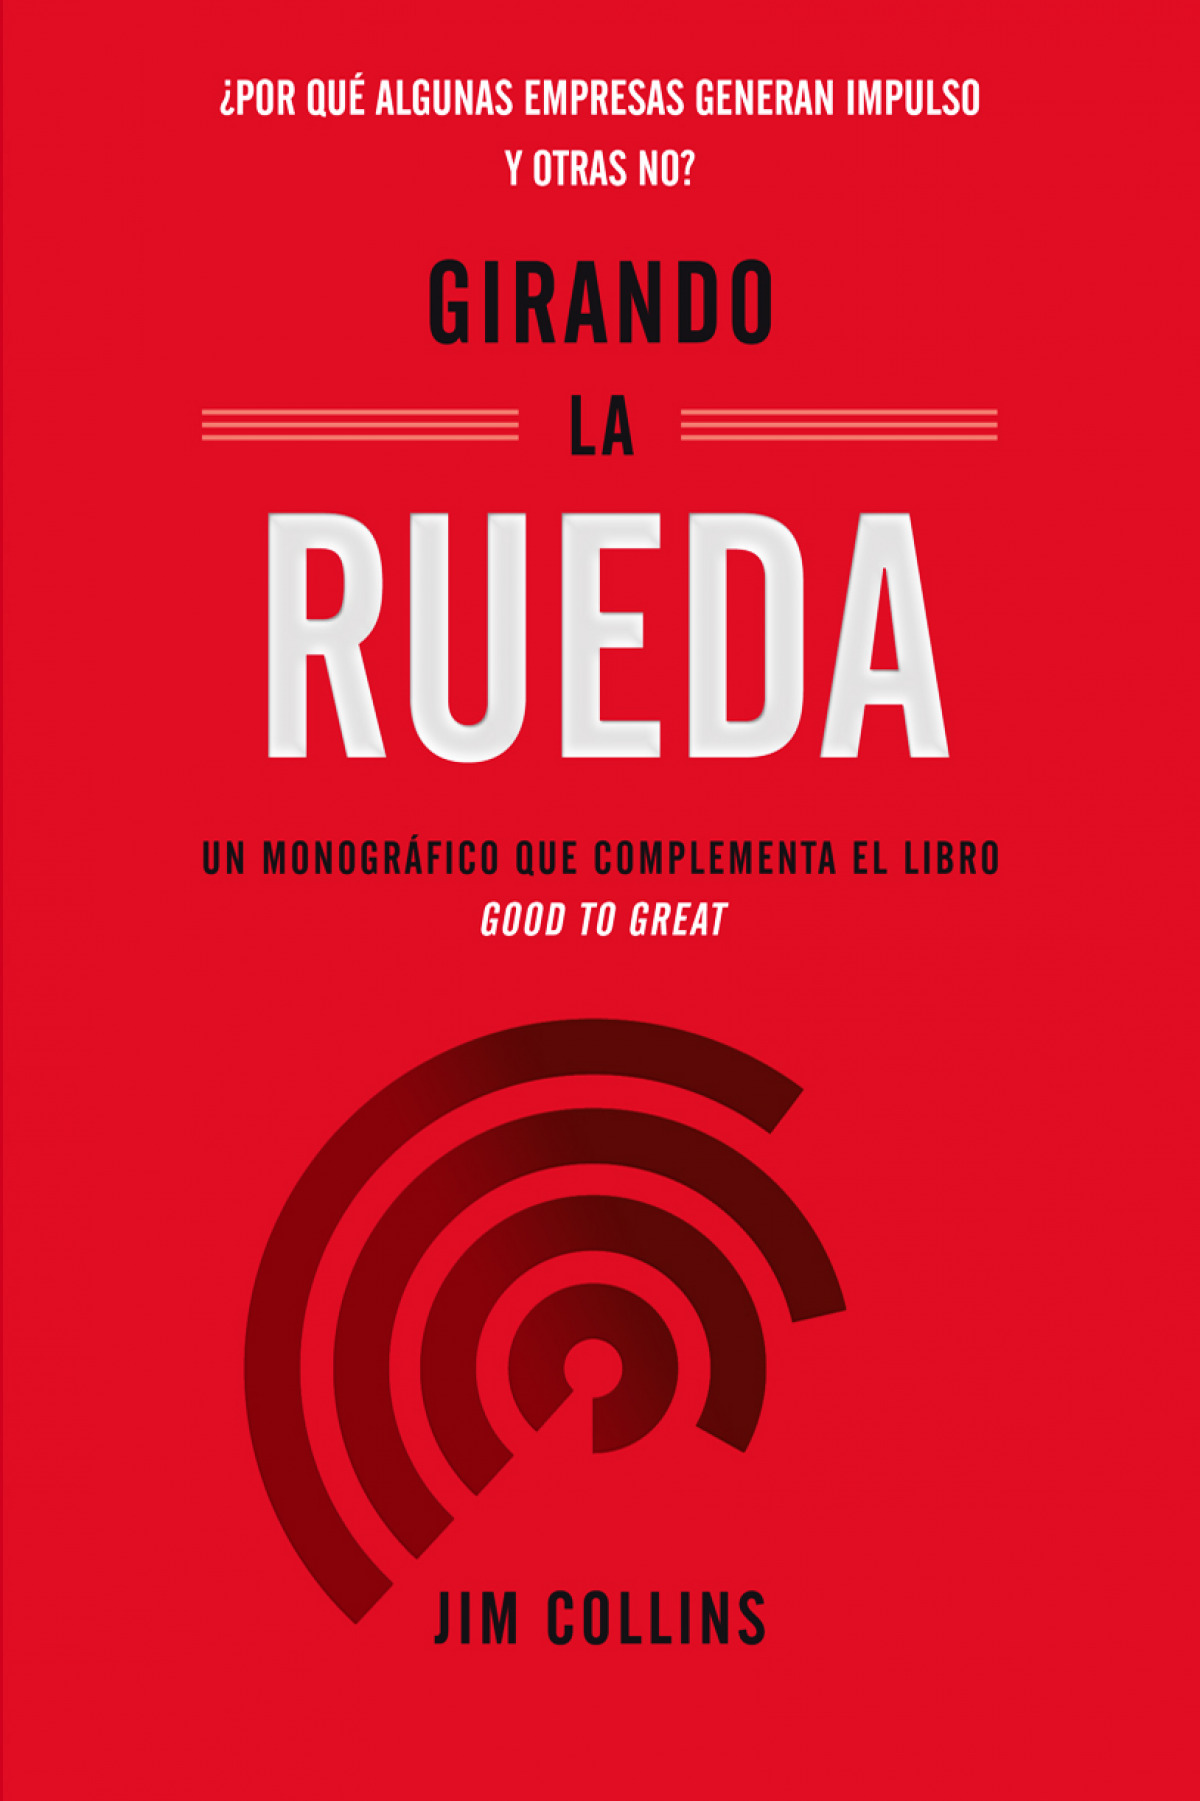 GIRANDO LA RUEDA